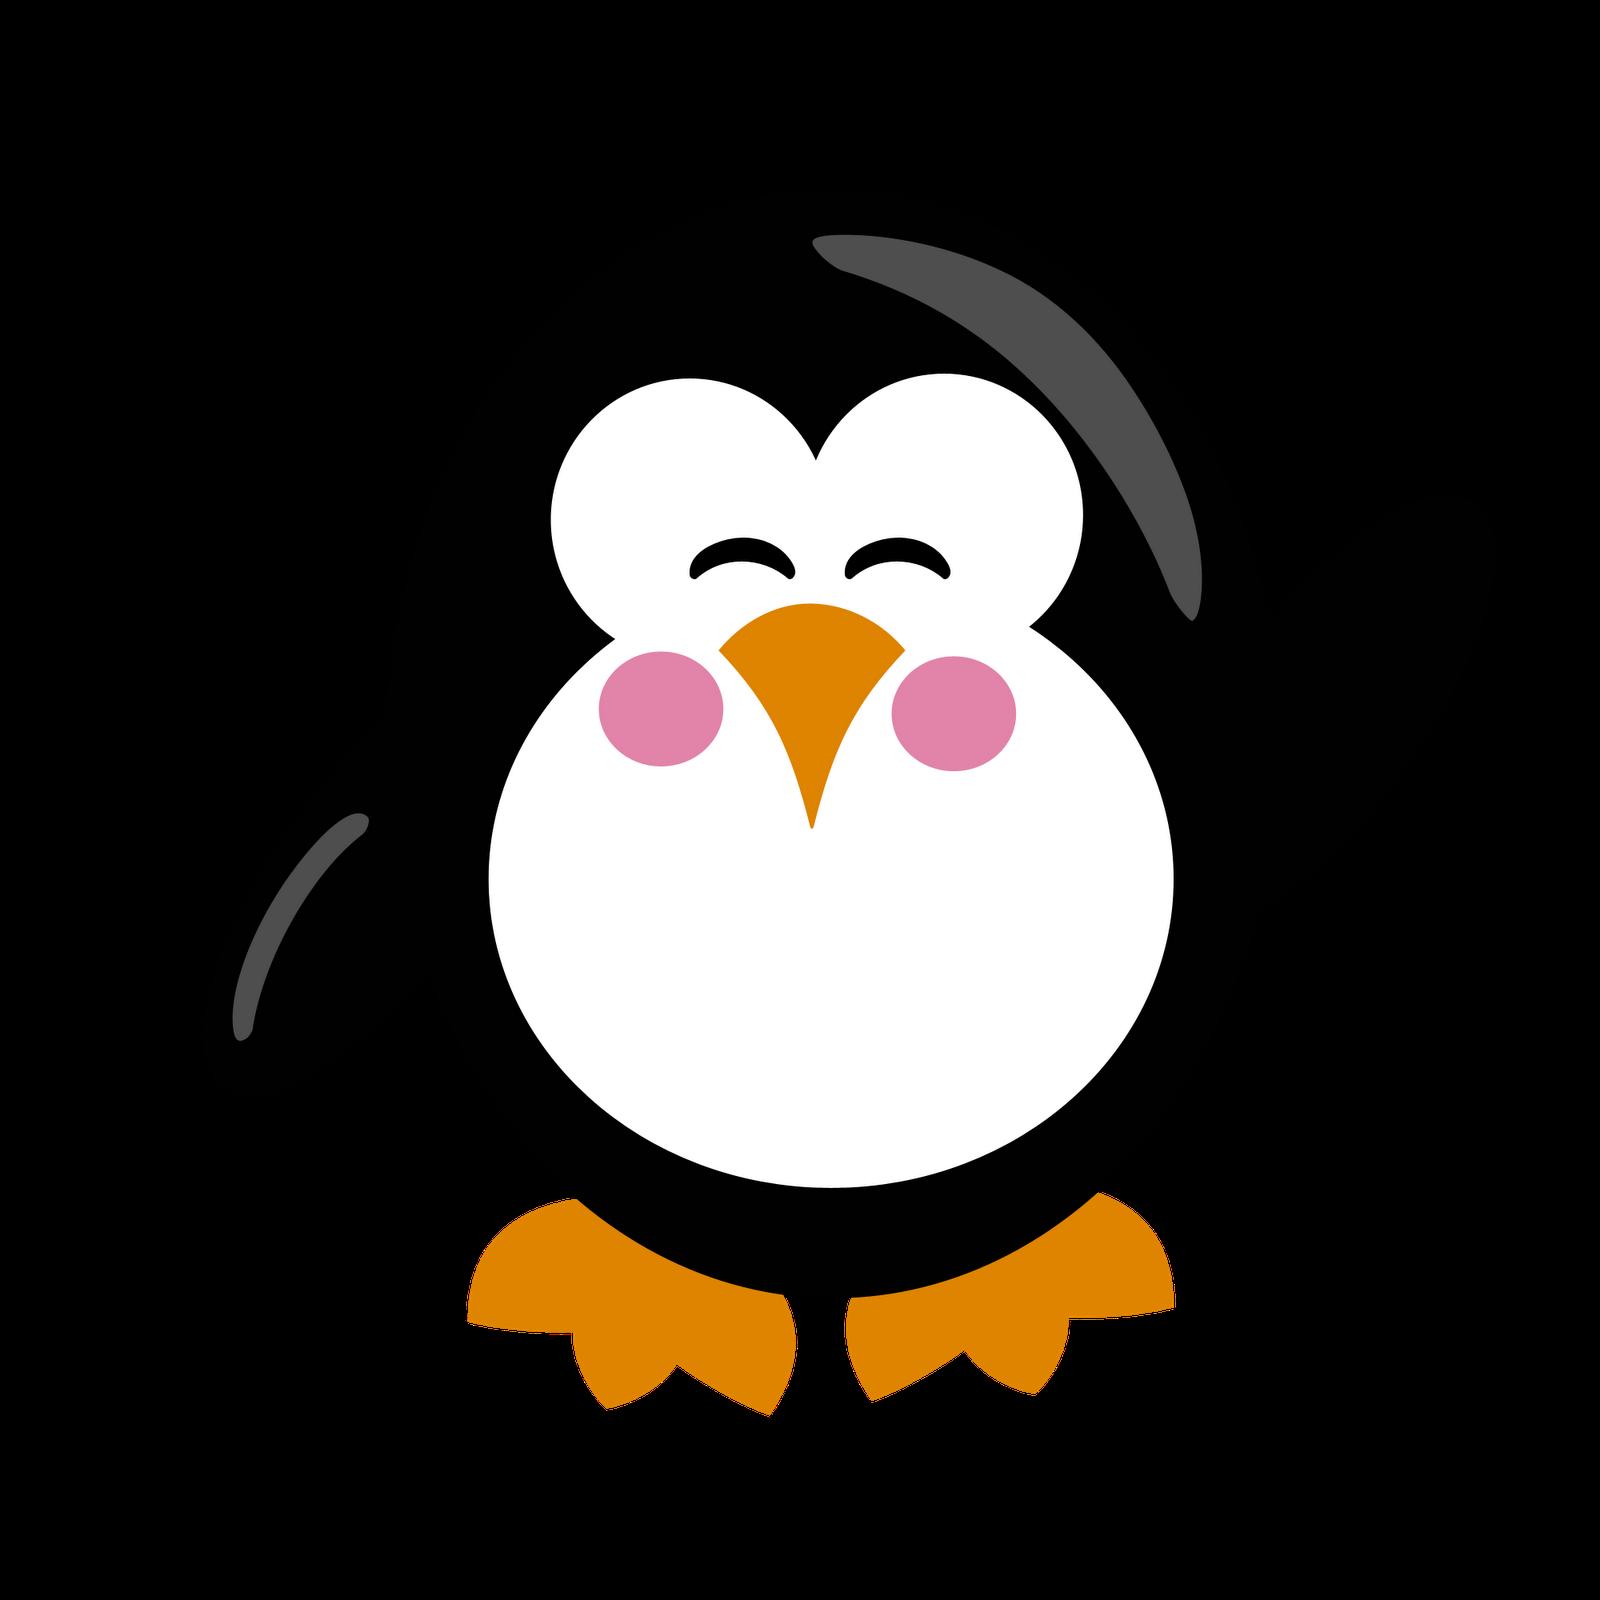 Friendship clipart penguin friend. Plug n plan punctuation